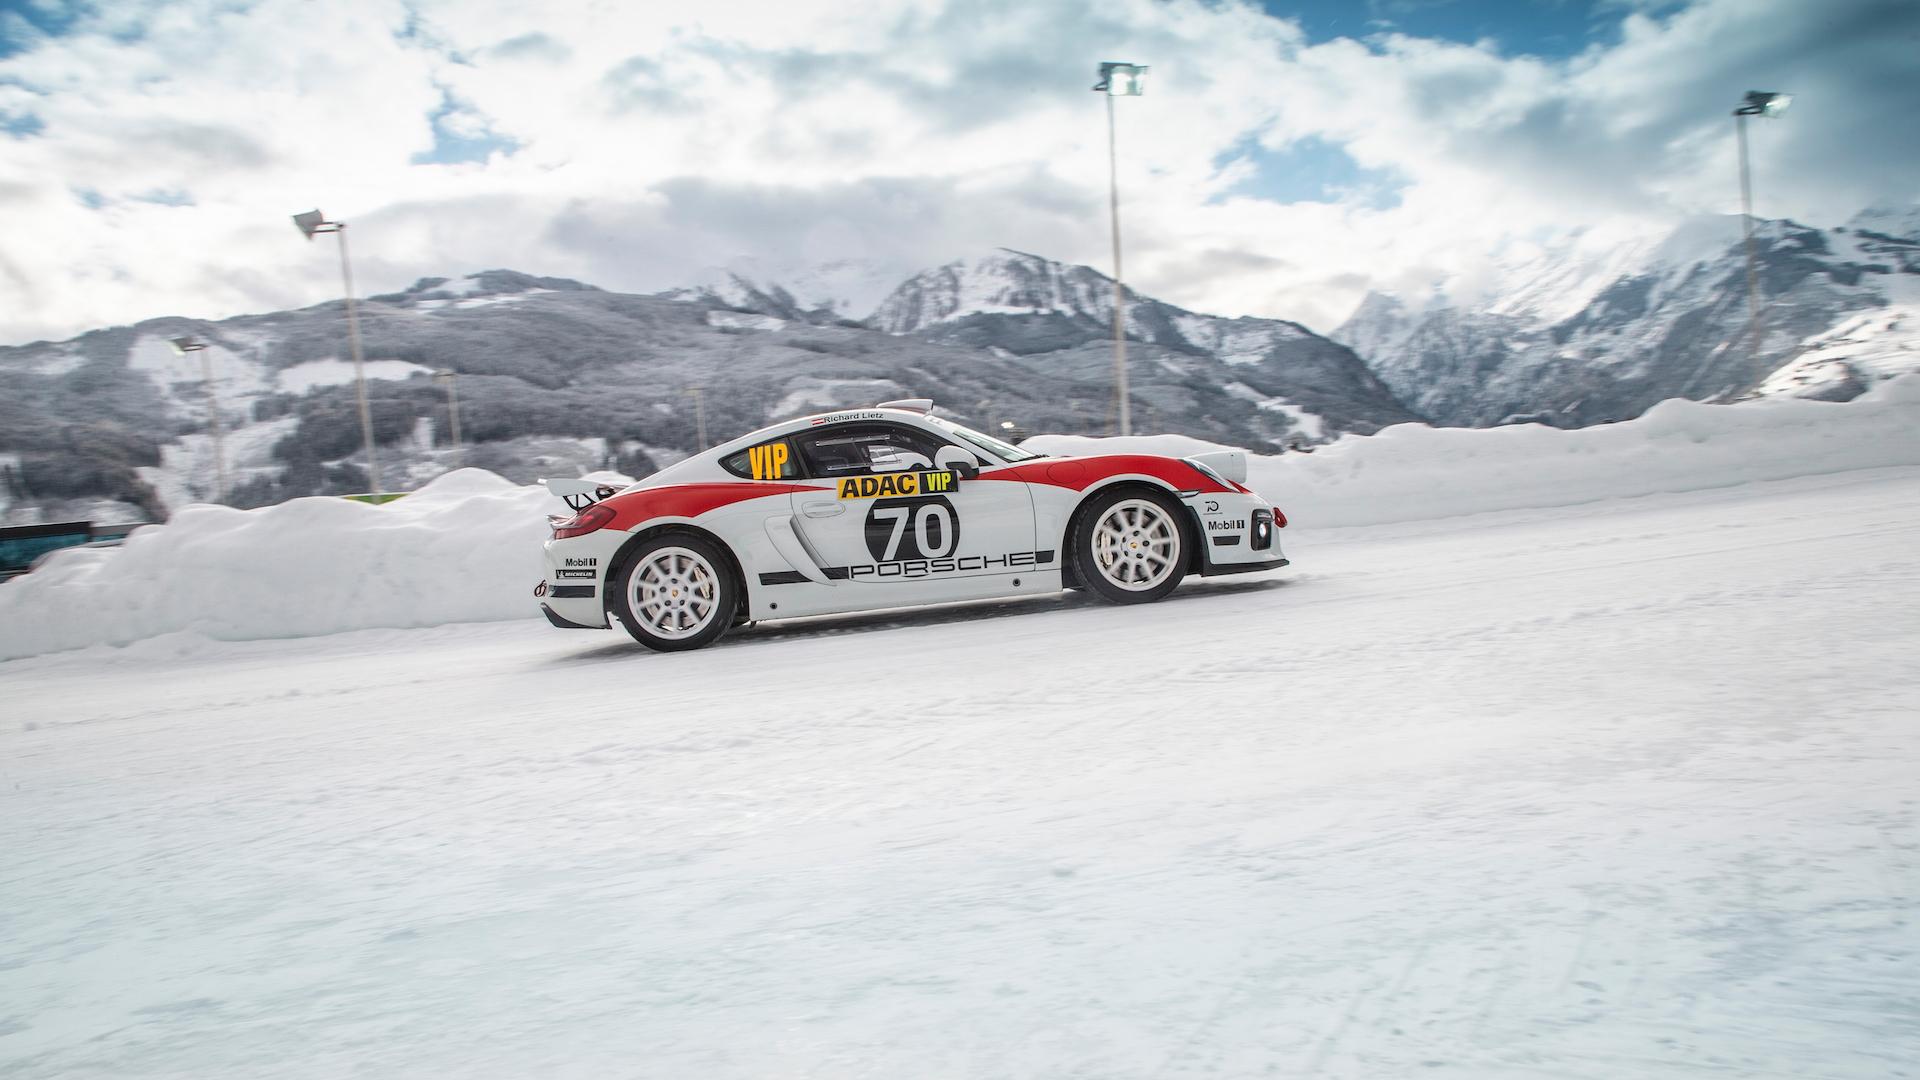 Porsche 718 Cayman rally car concept, Austria